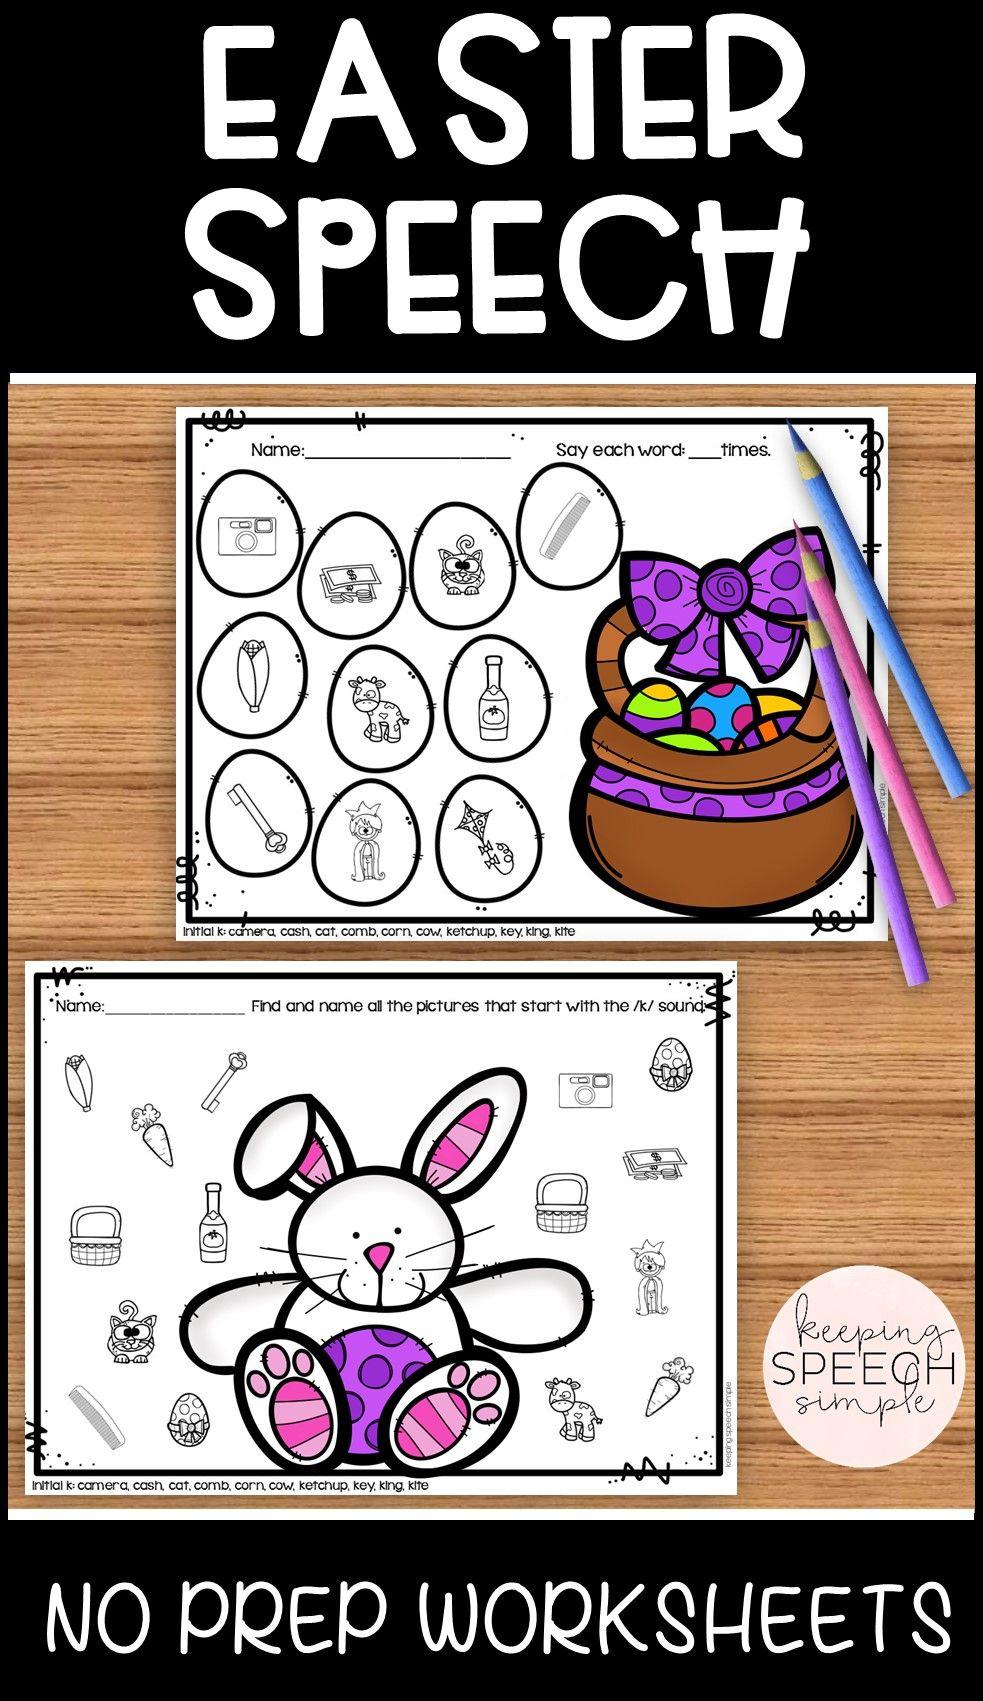 Easter Speech No Prep Articulation Worksheets Preschool Speech Therapy Autism Activities Articulation Worksheets [ 1701 x 983 Pixel ]